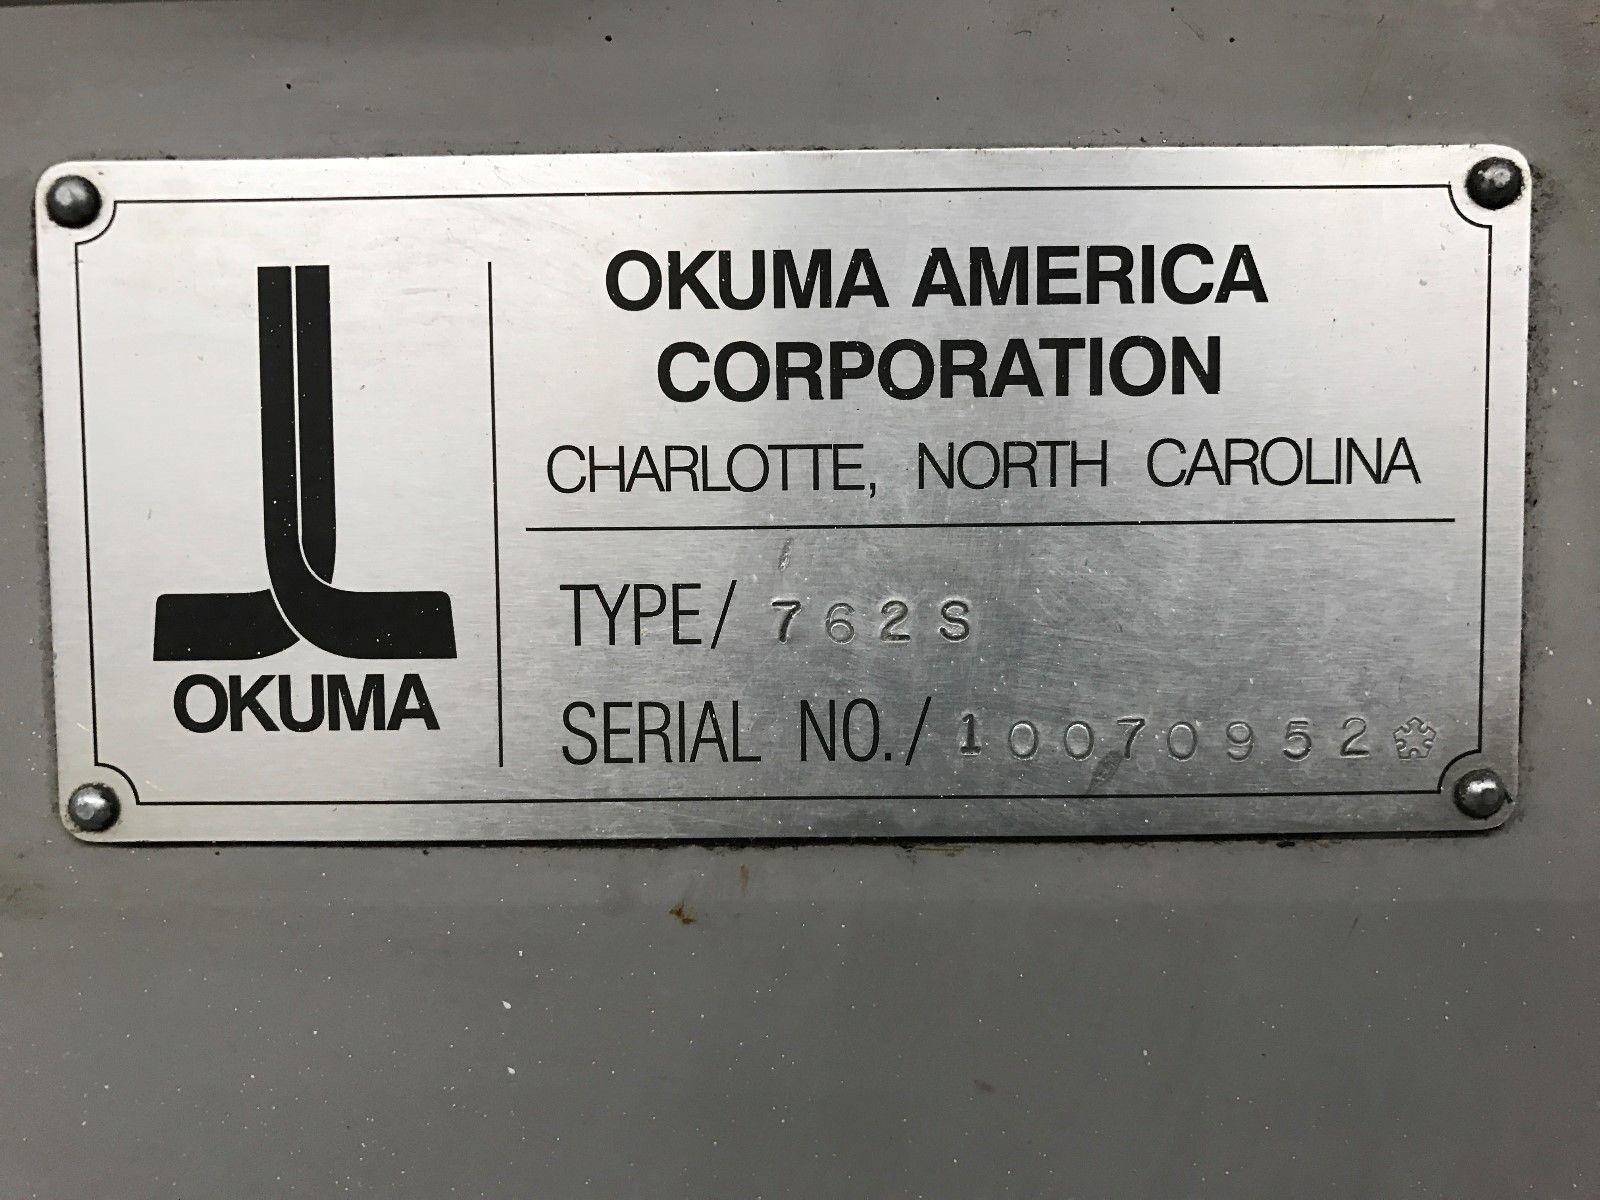 ... okuma-crown-used-cnc-turning